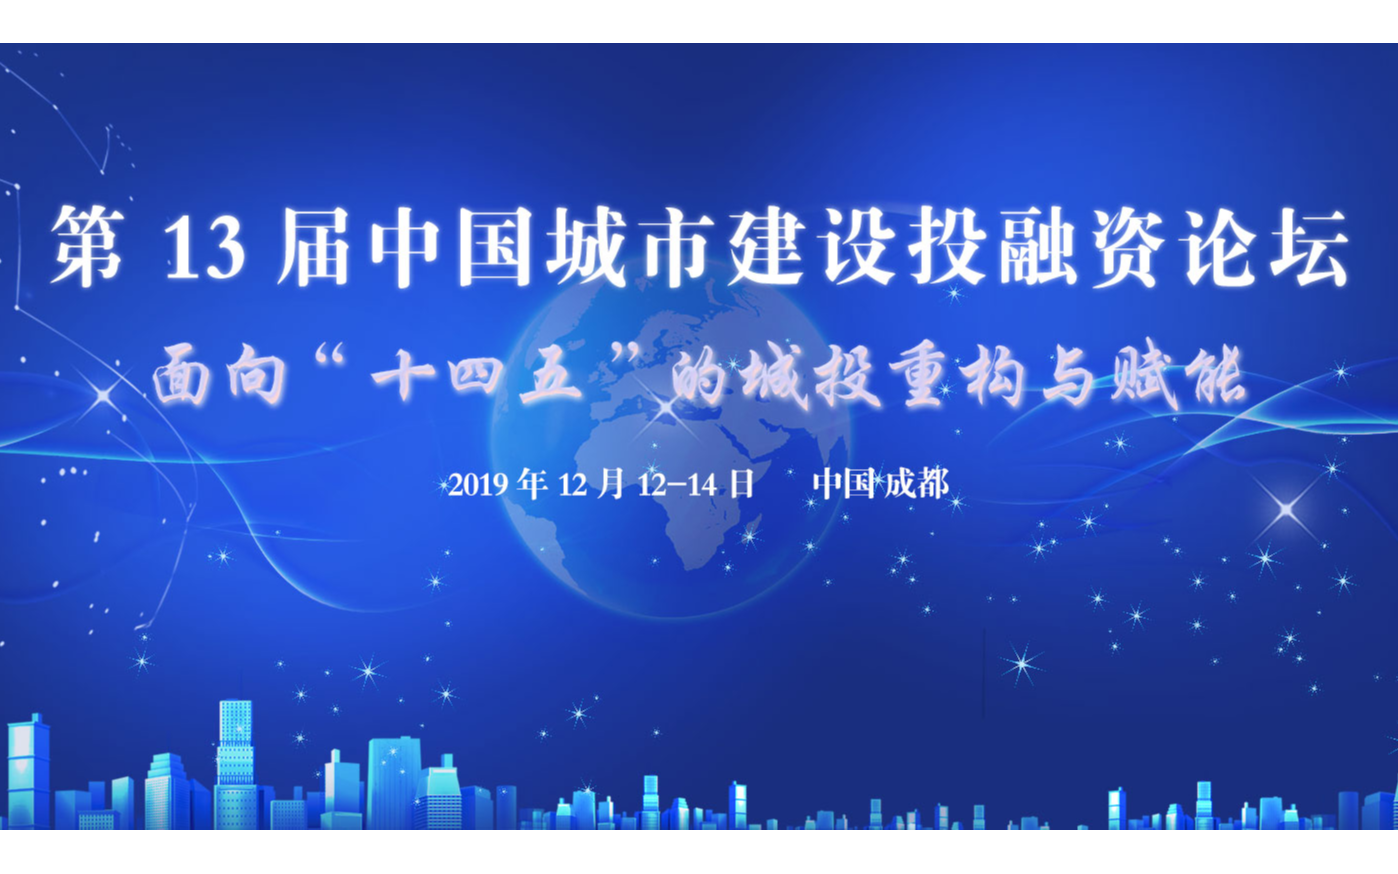 2019第13屆中國城市建設投融資論壇(成都)